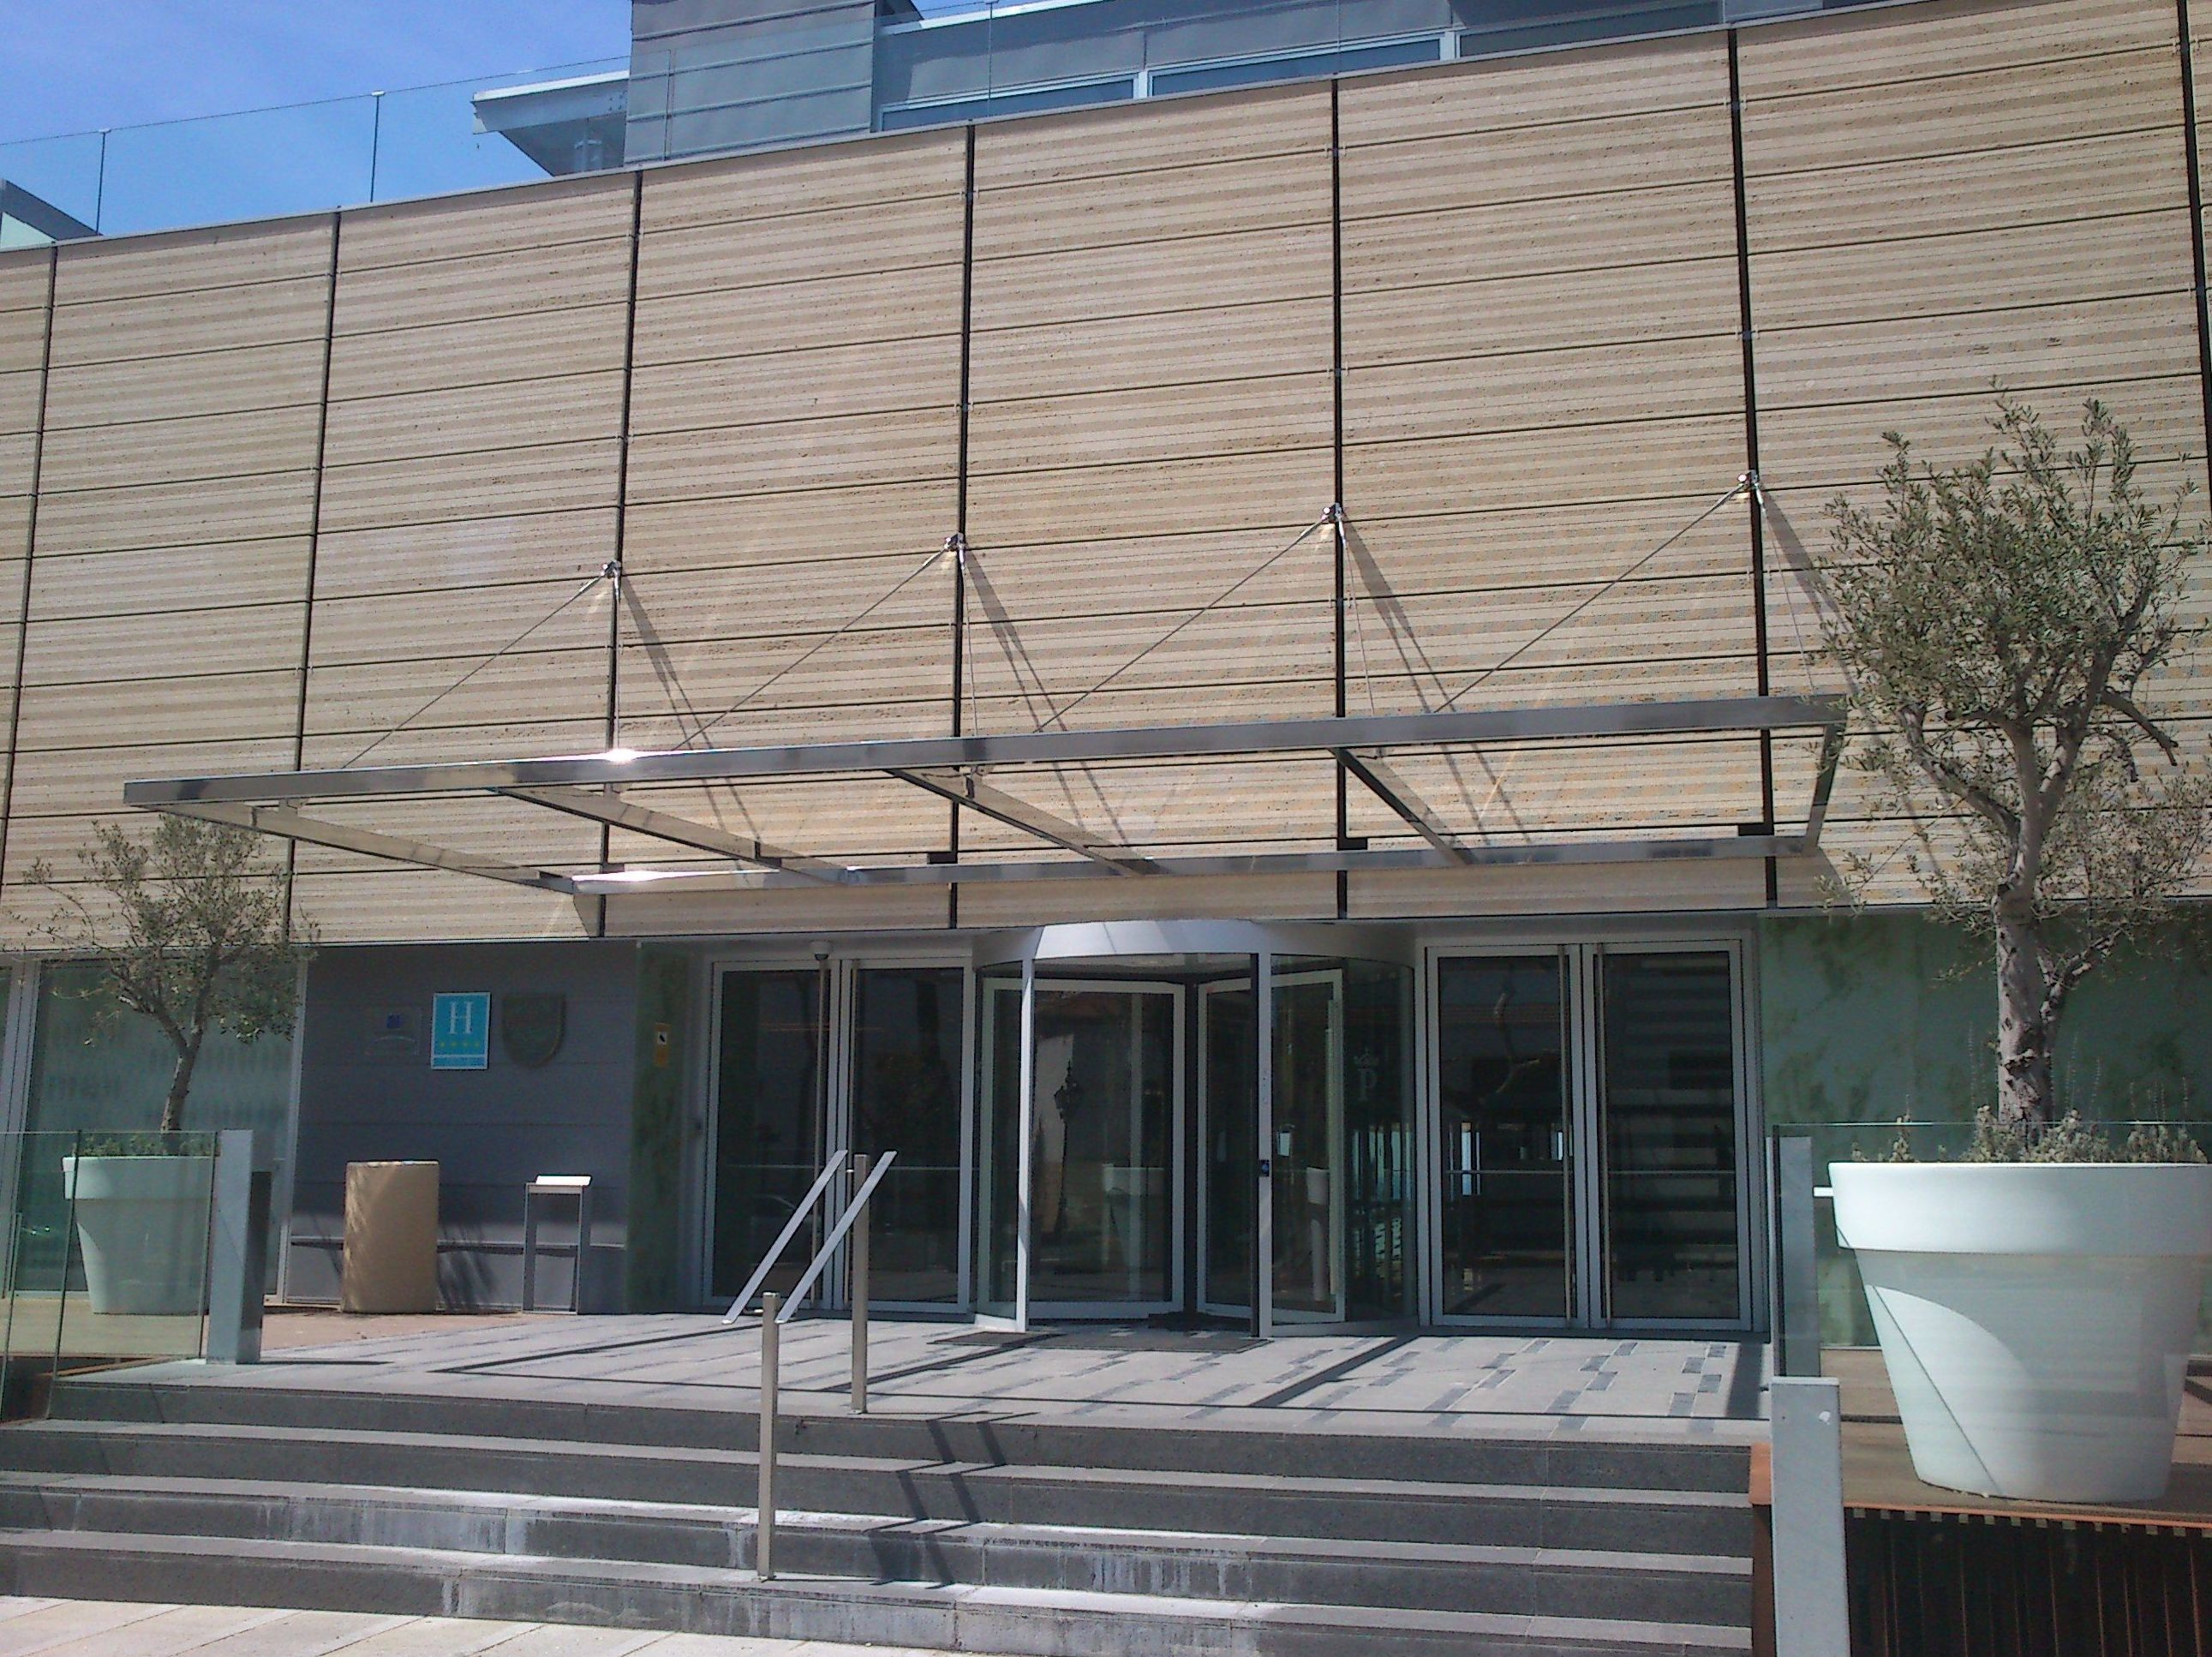 Foto 70 de Especialistas en diseños y proyectos en acero inoxidable en Alcalá de Guadaíra | Icminox